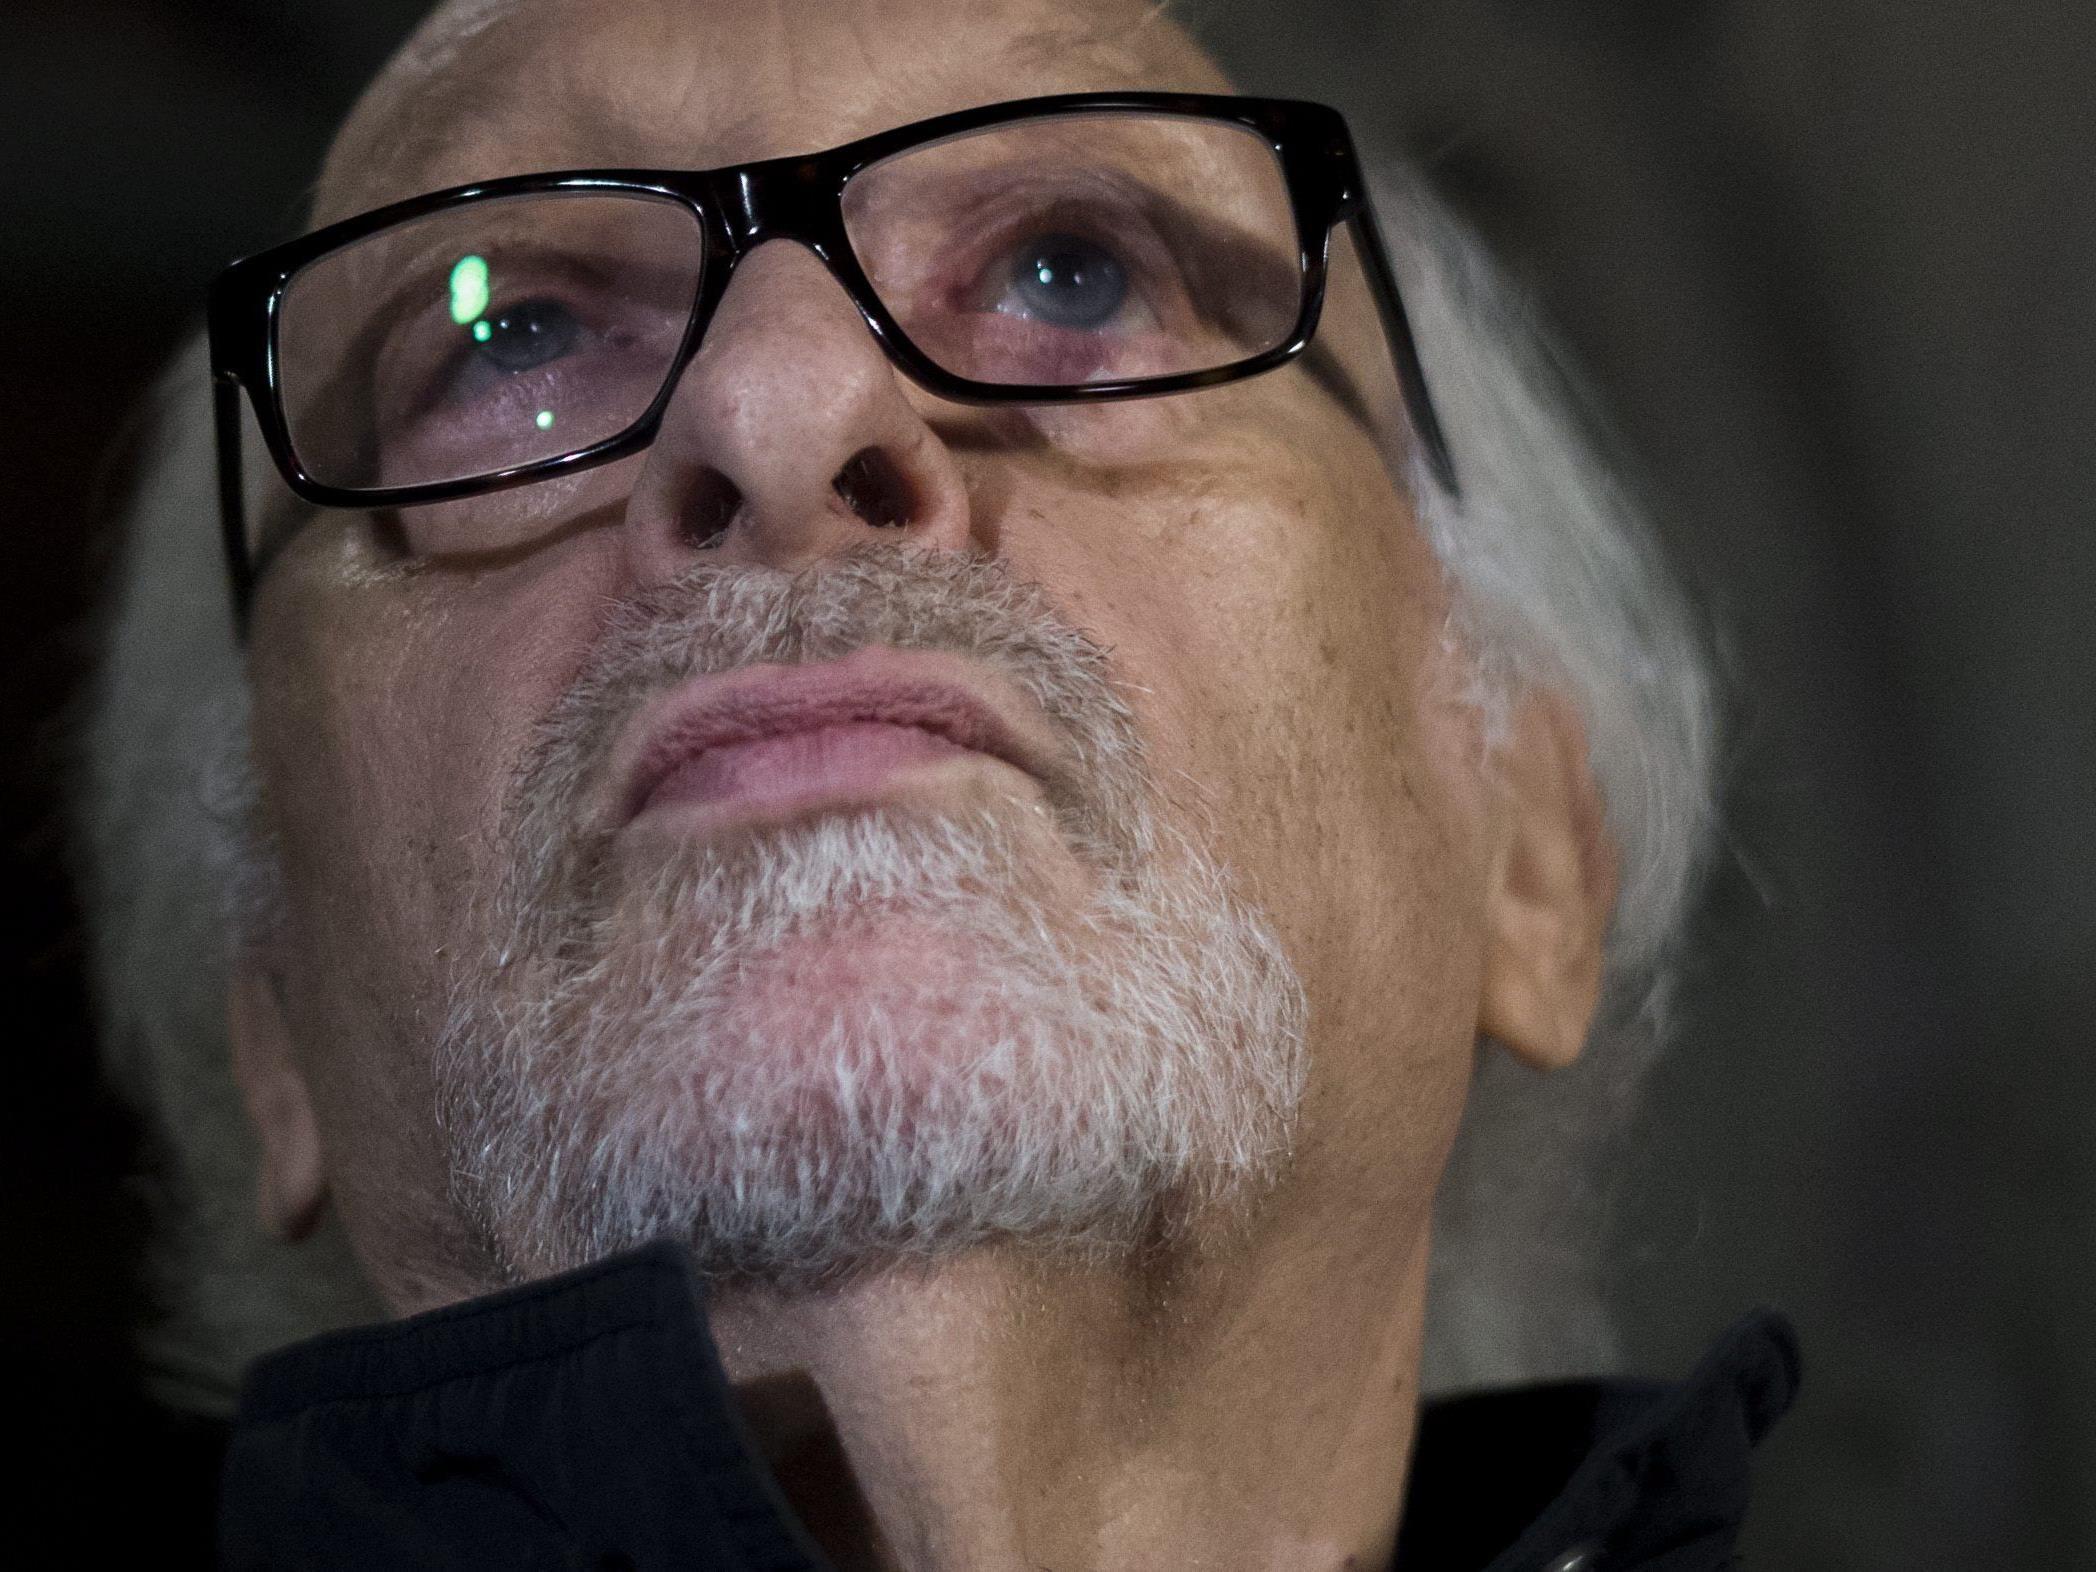 Das vermeintliche Opfer von Karl Dall will in Zürich Berufung einlegen.